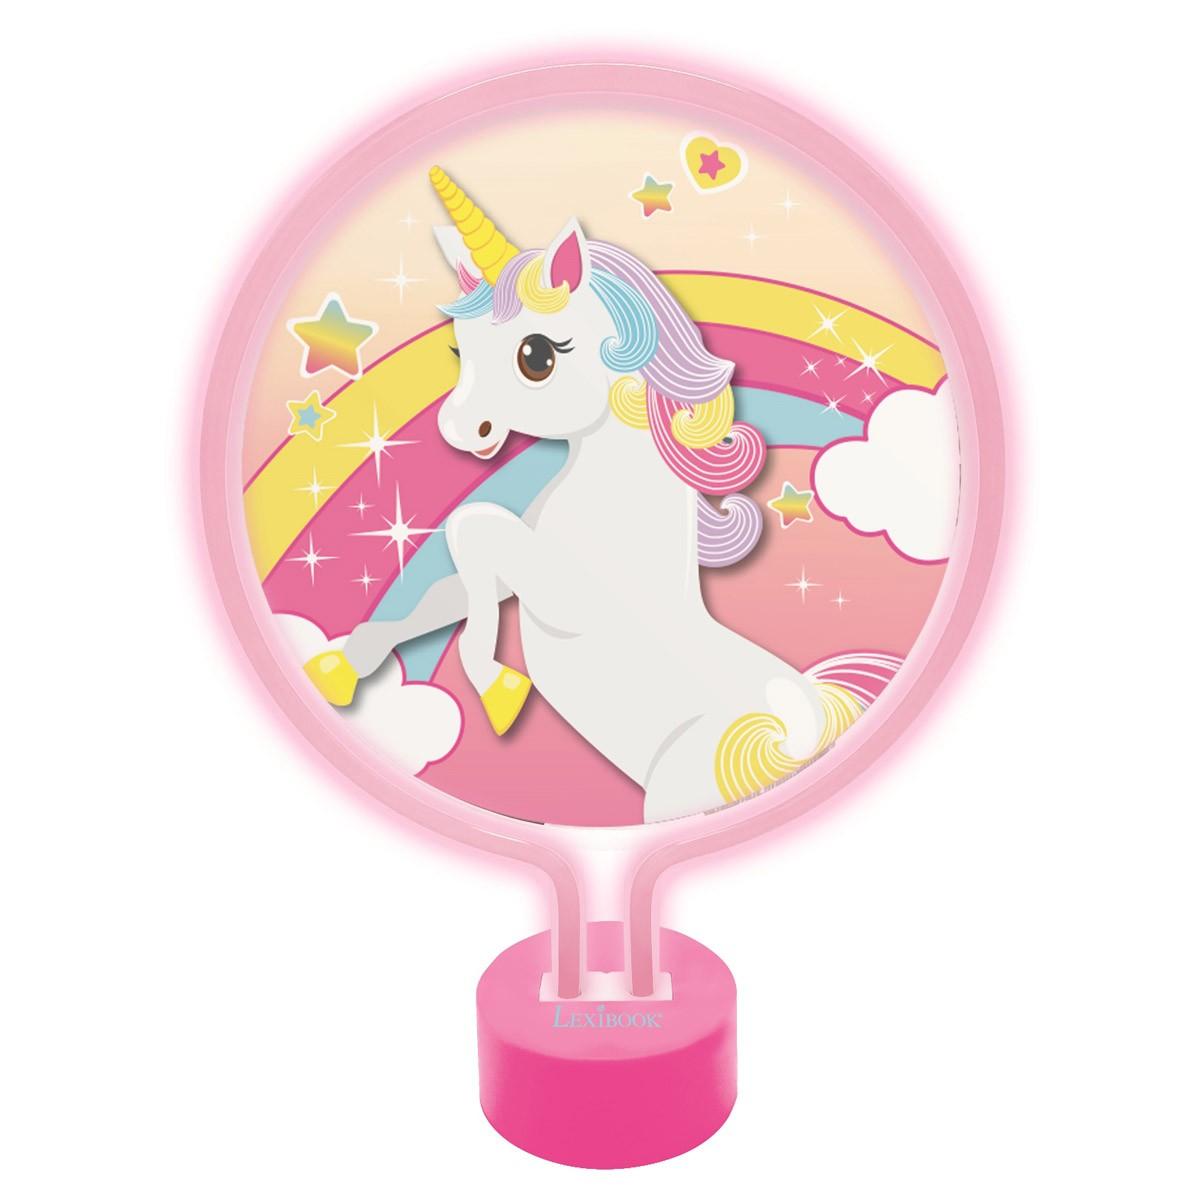 Unicorn Neonlampe